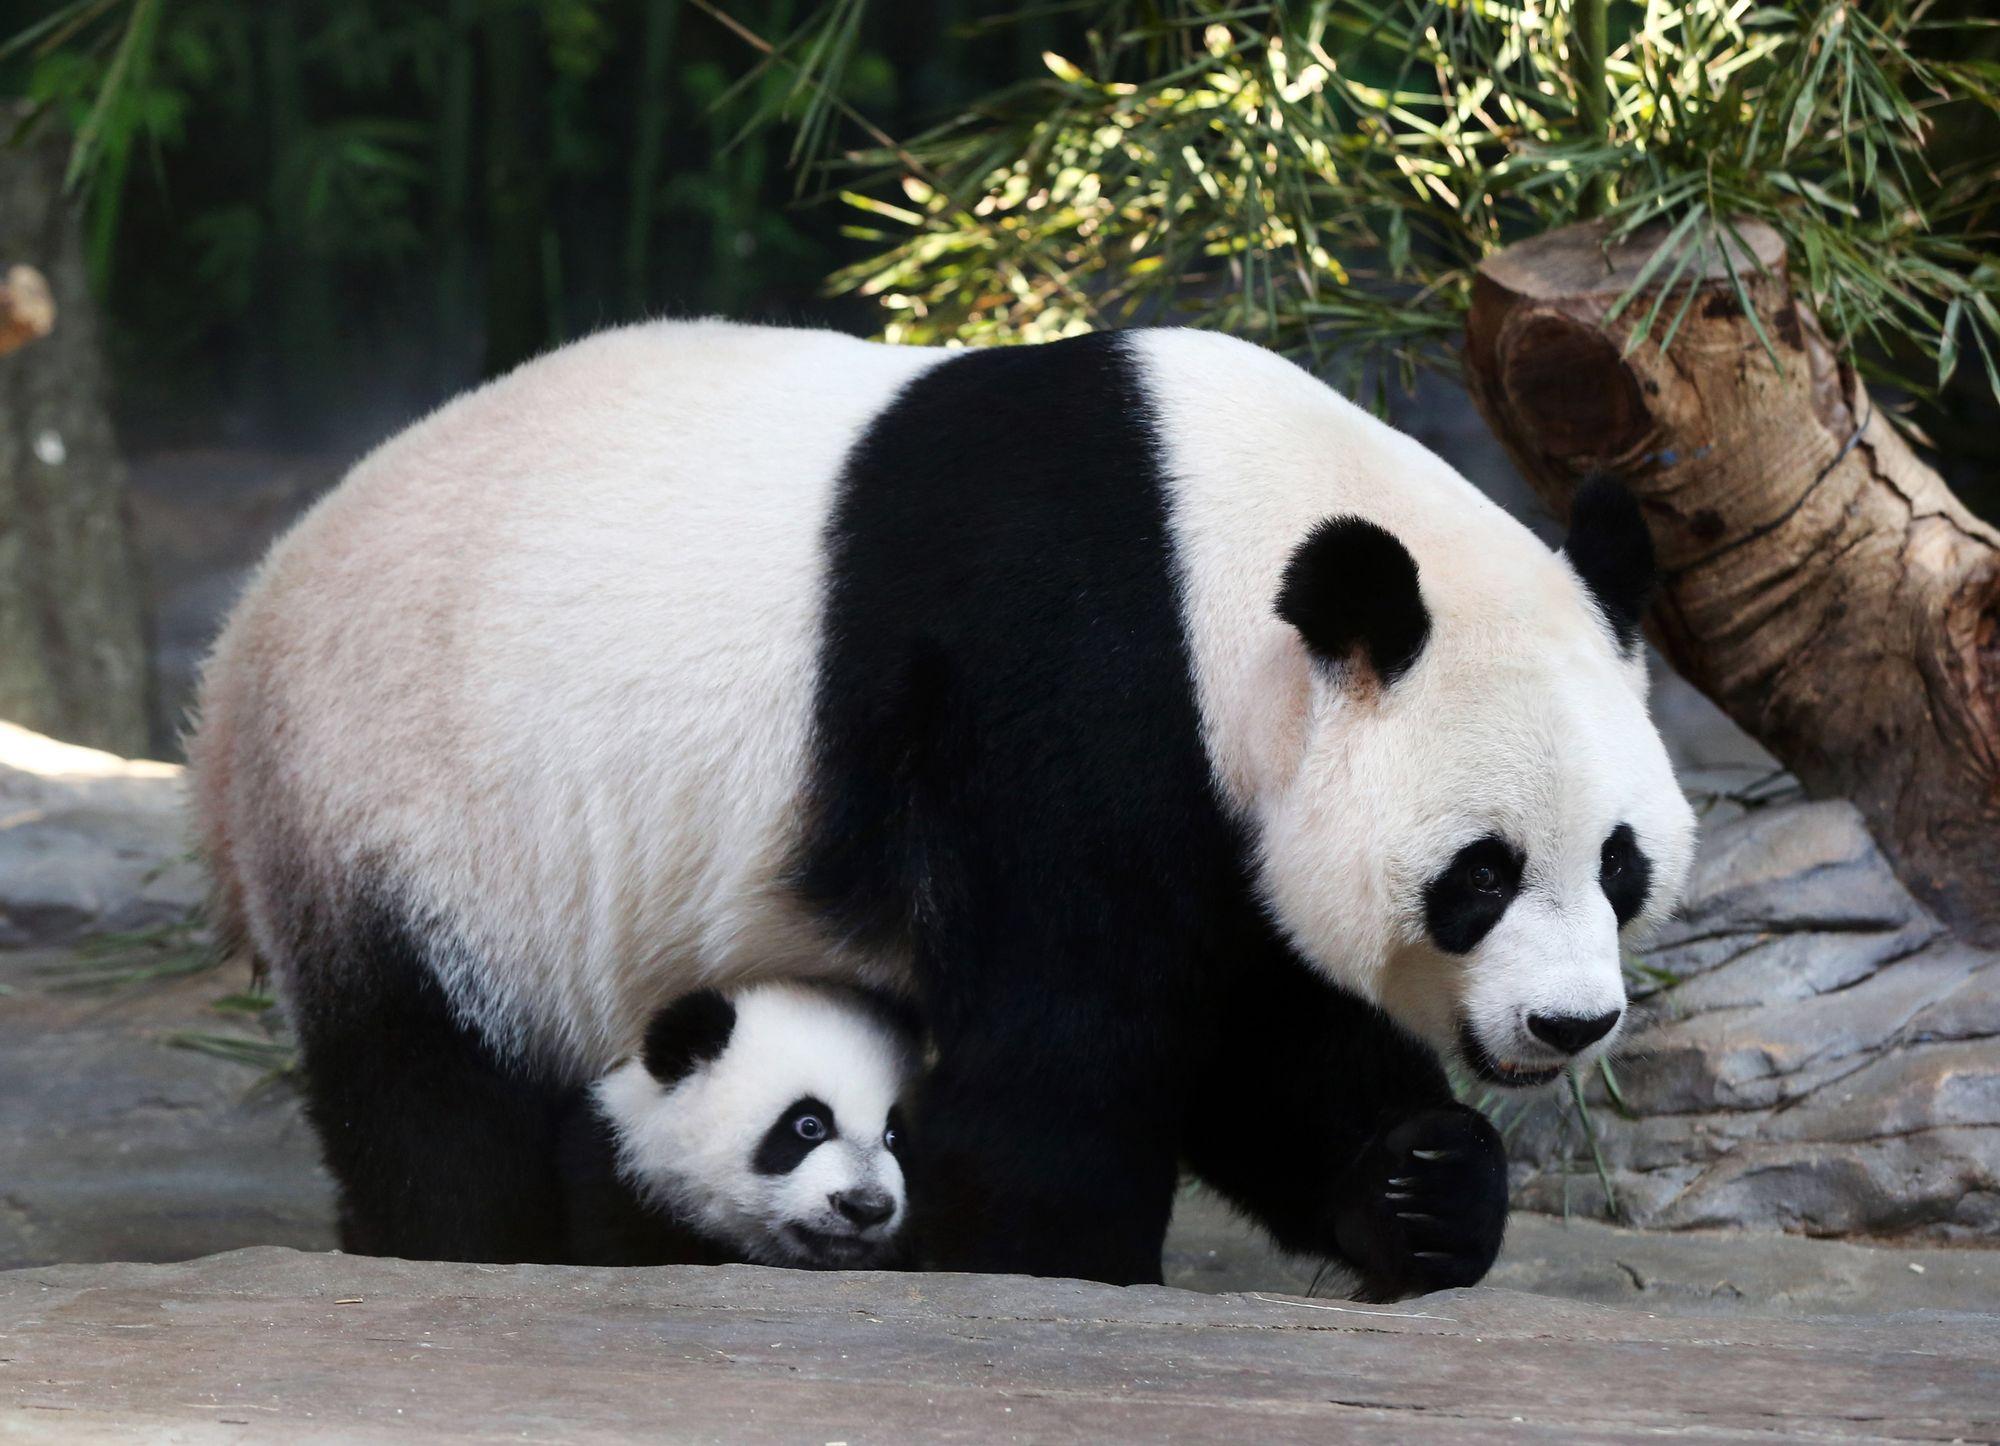 la population de pandas g ants l 39 tat sauvage augmente en chine sciences tech. Black Bedroom Furniture Sets. Home Design Ideas